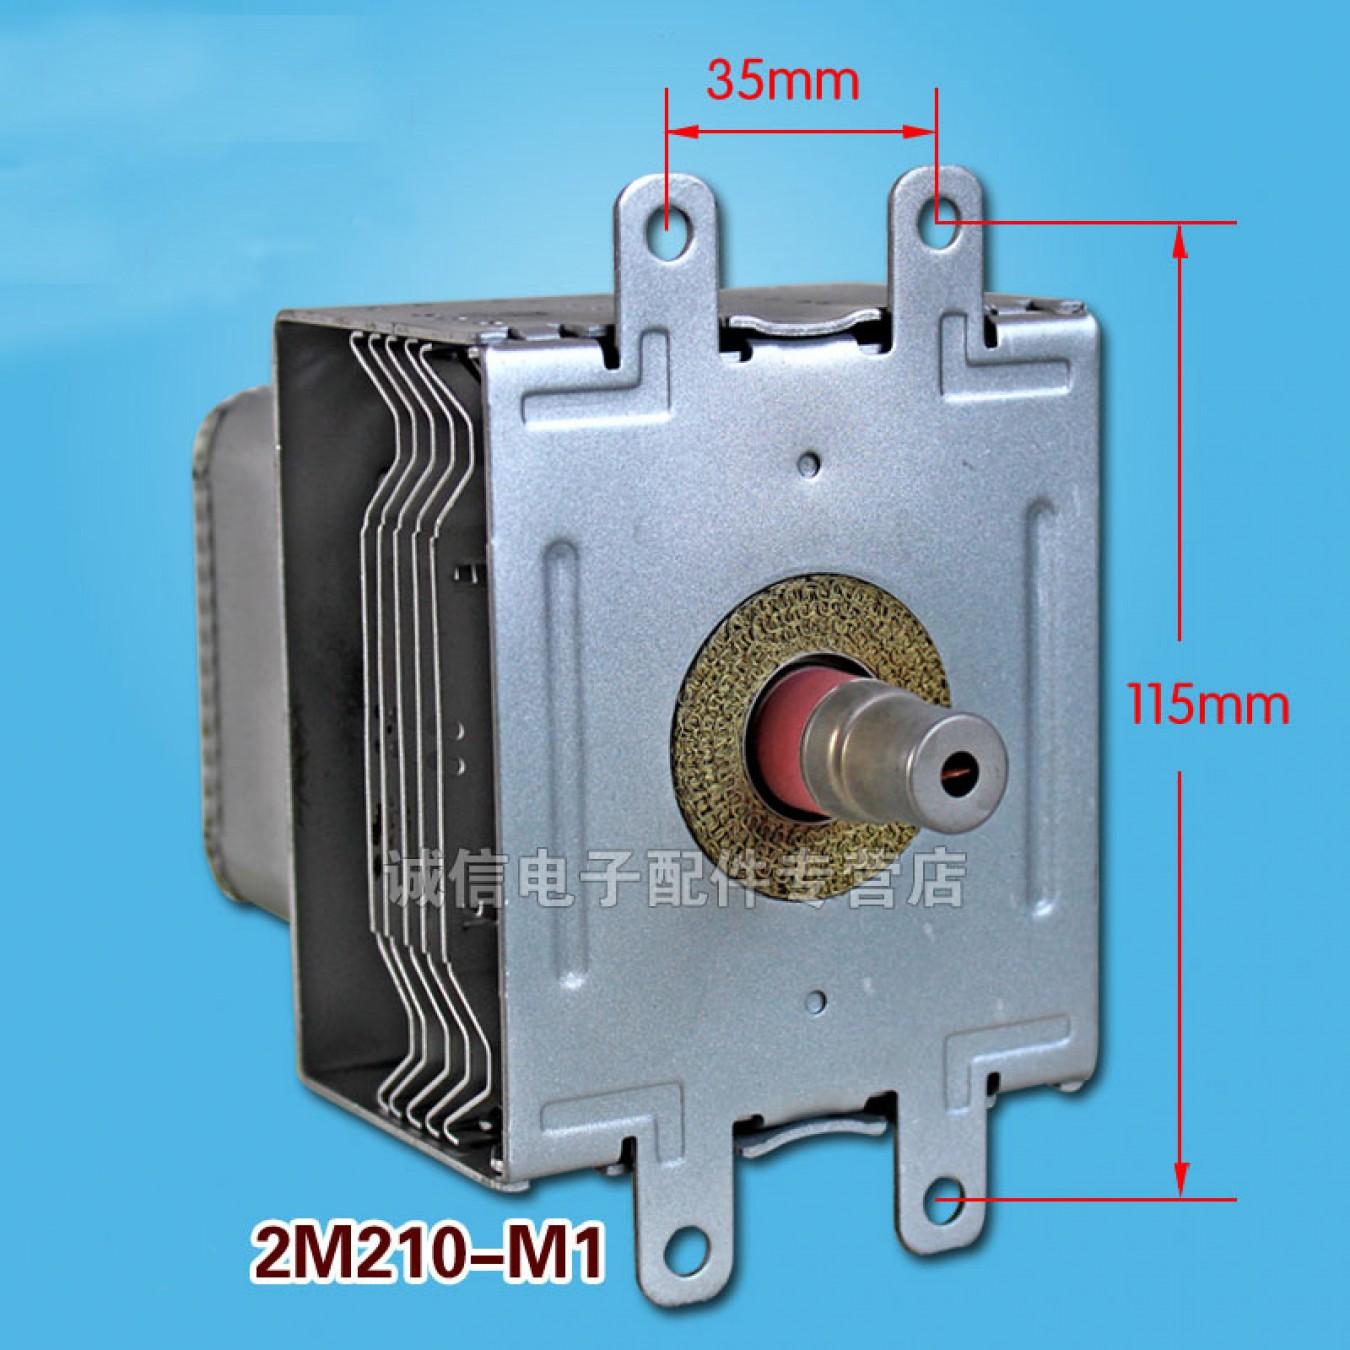 Магнетрон 2M210-M1